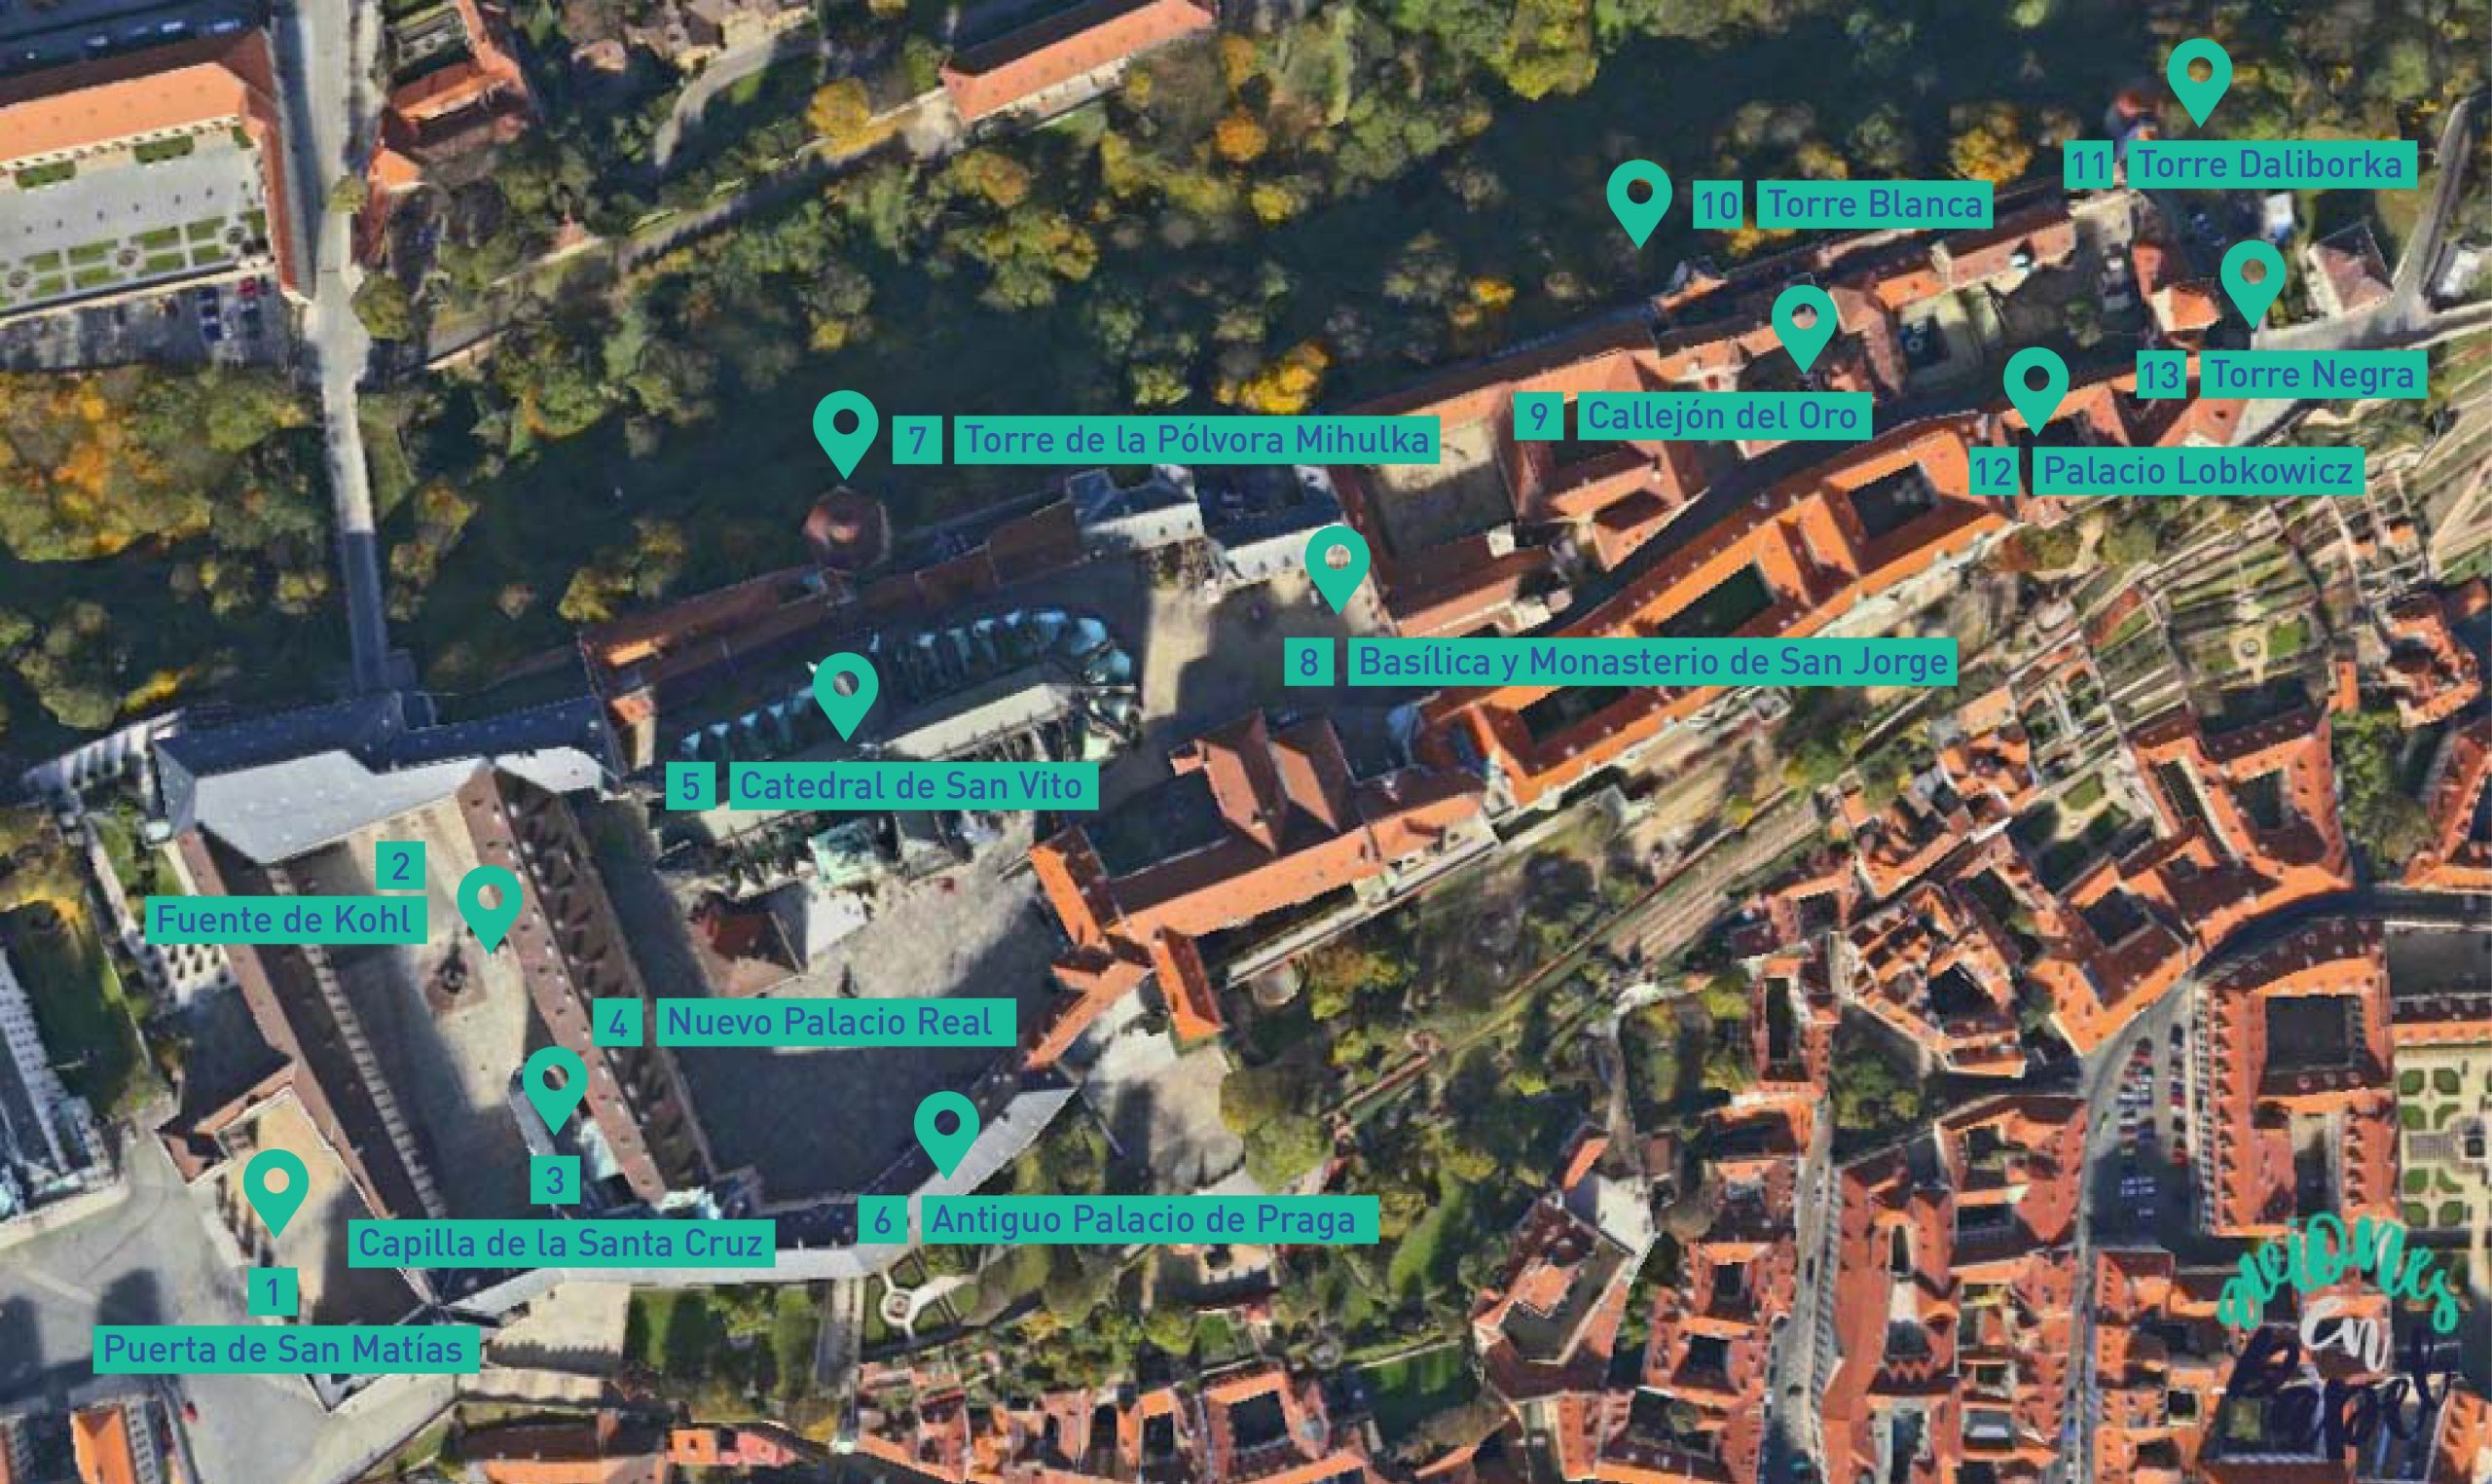 Castillo de Praga - Qué ver en Praga en 3 días